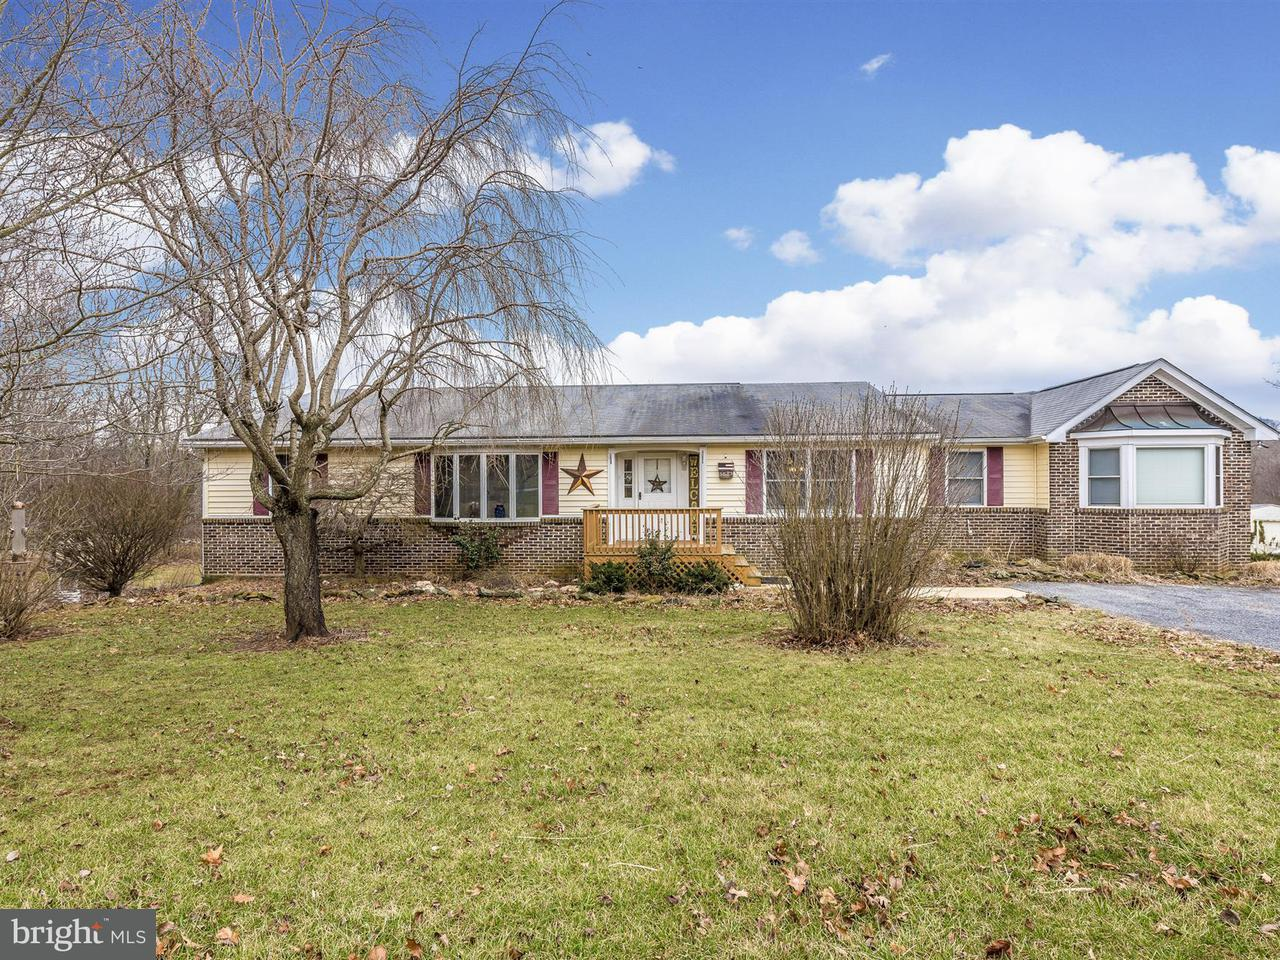 단독 가정 주택 용 매매 에 12461 Stottlemyer Road 12461 Stottlemyer Road Myersville, 메릴랜드 21773 미국